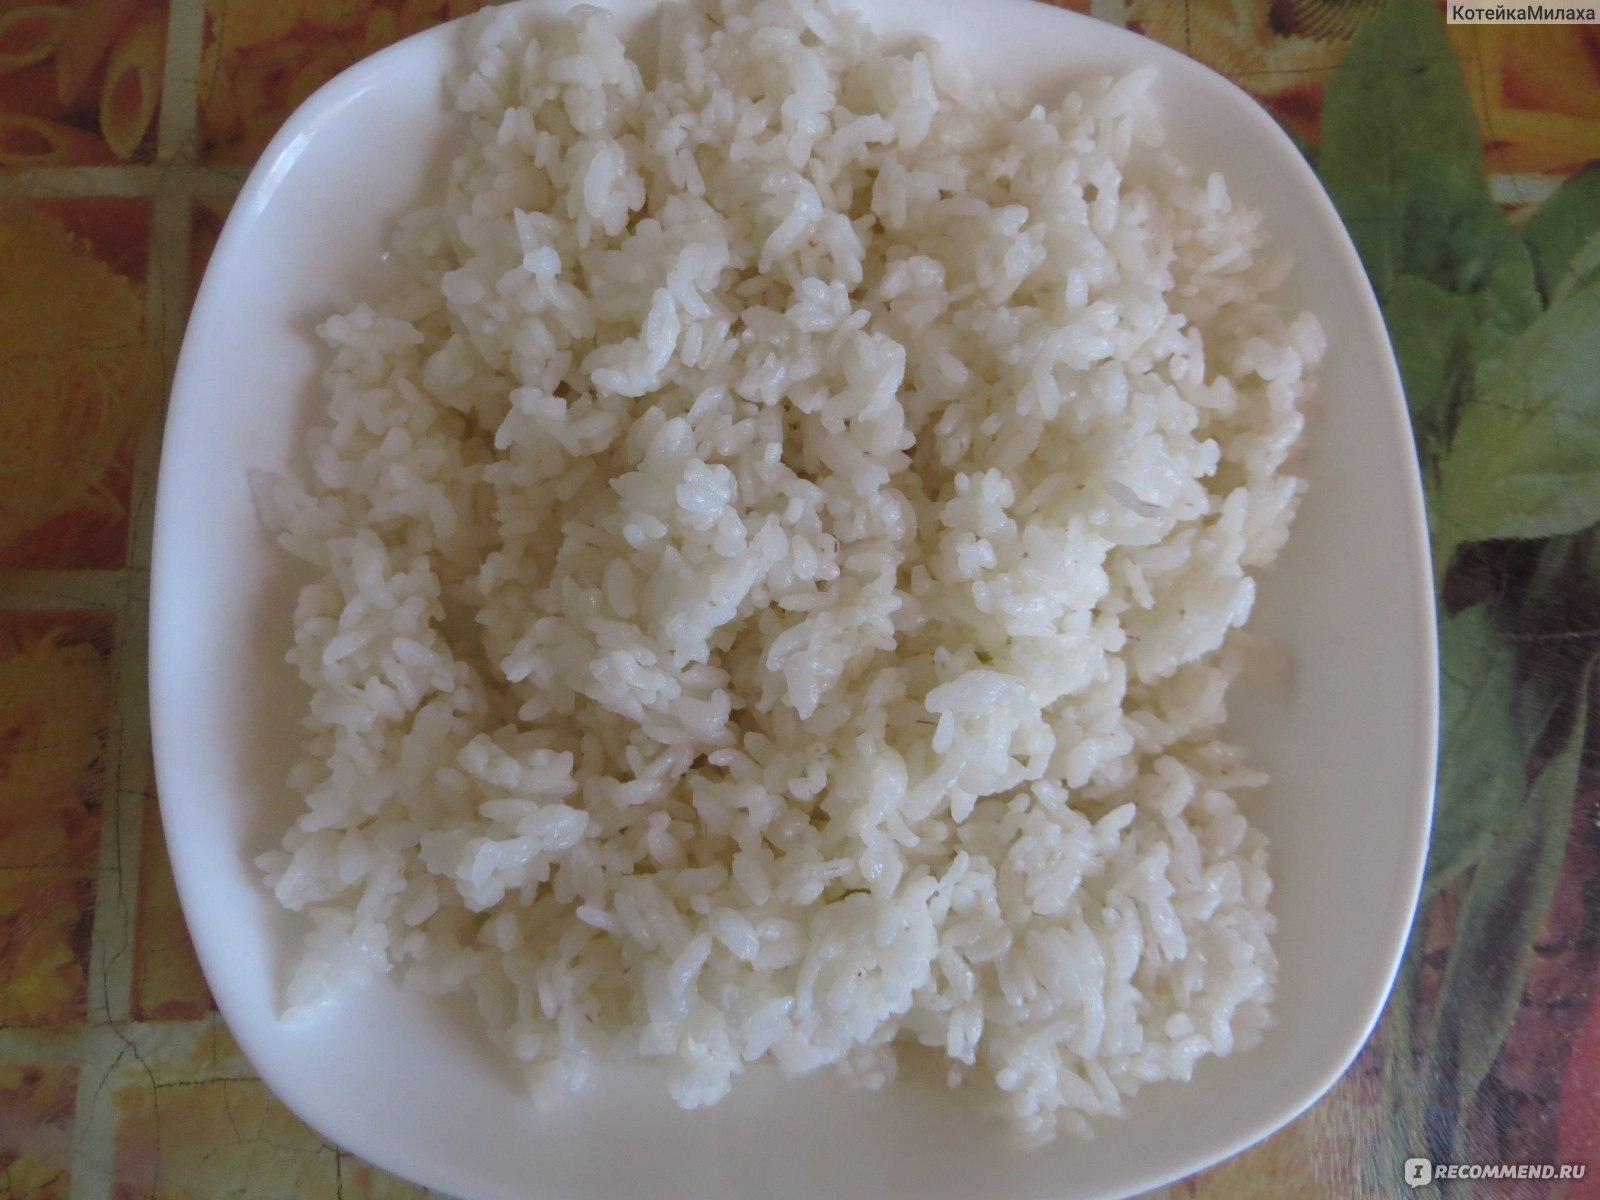 Рис с утра натощак для похудения (4 способа, отзывы)